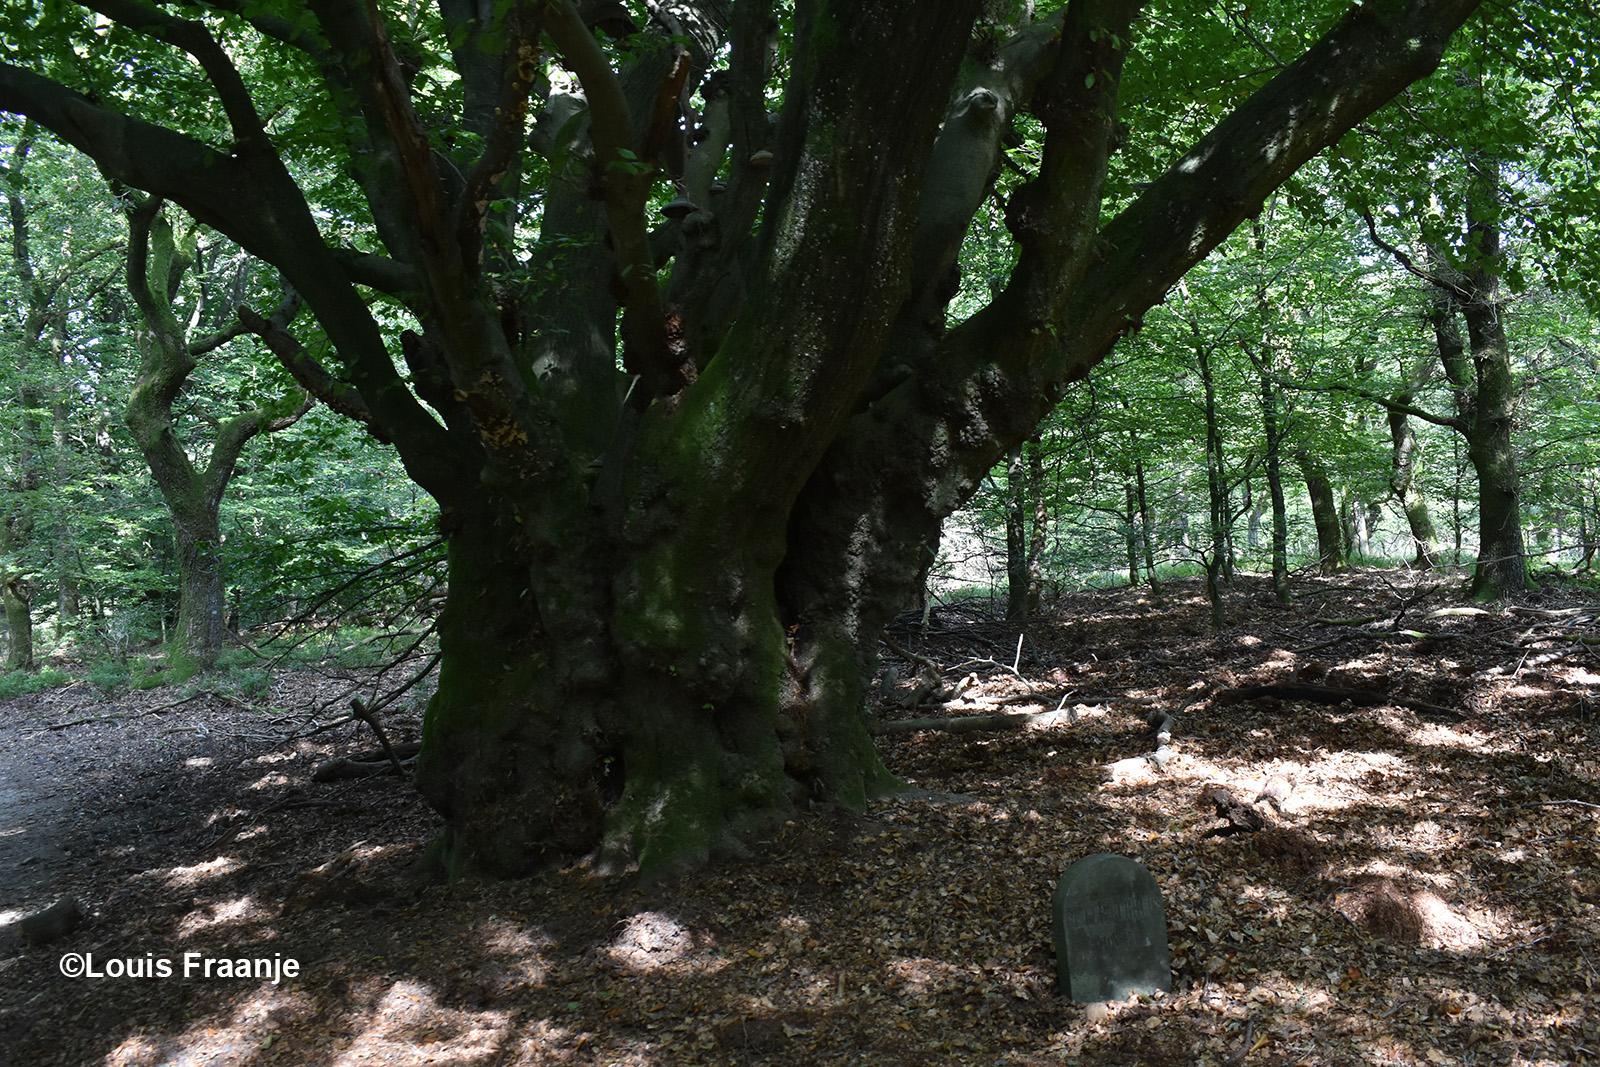 We gaan eerst achter in het bos bij het Peter Gerritsboompje kijken - Foto: ©Louis Fraanje